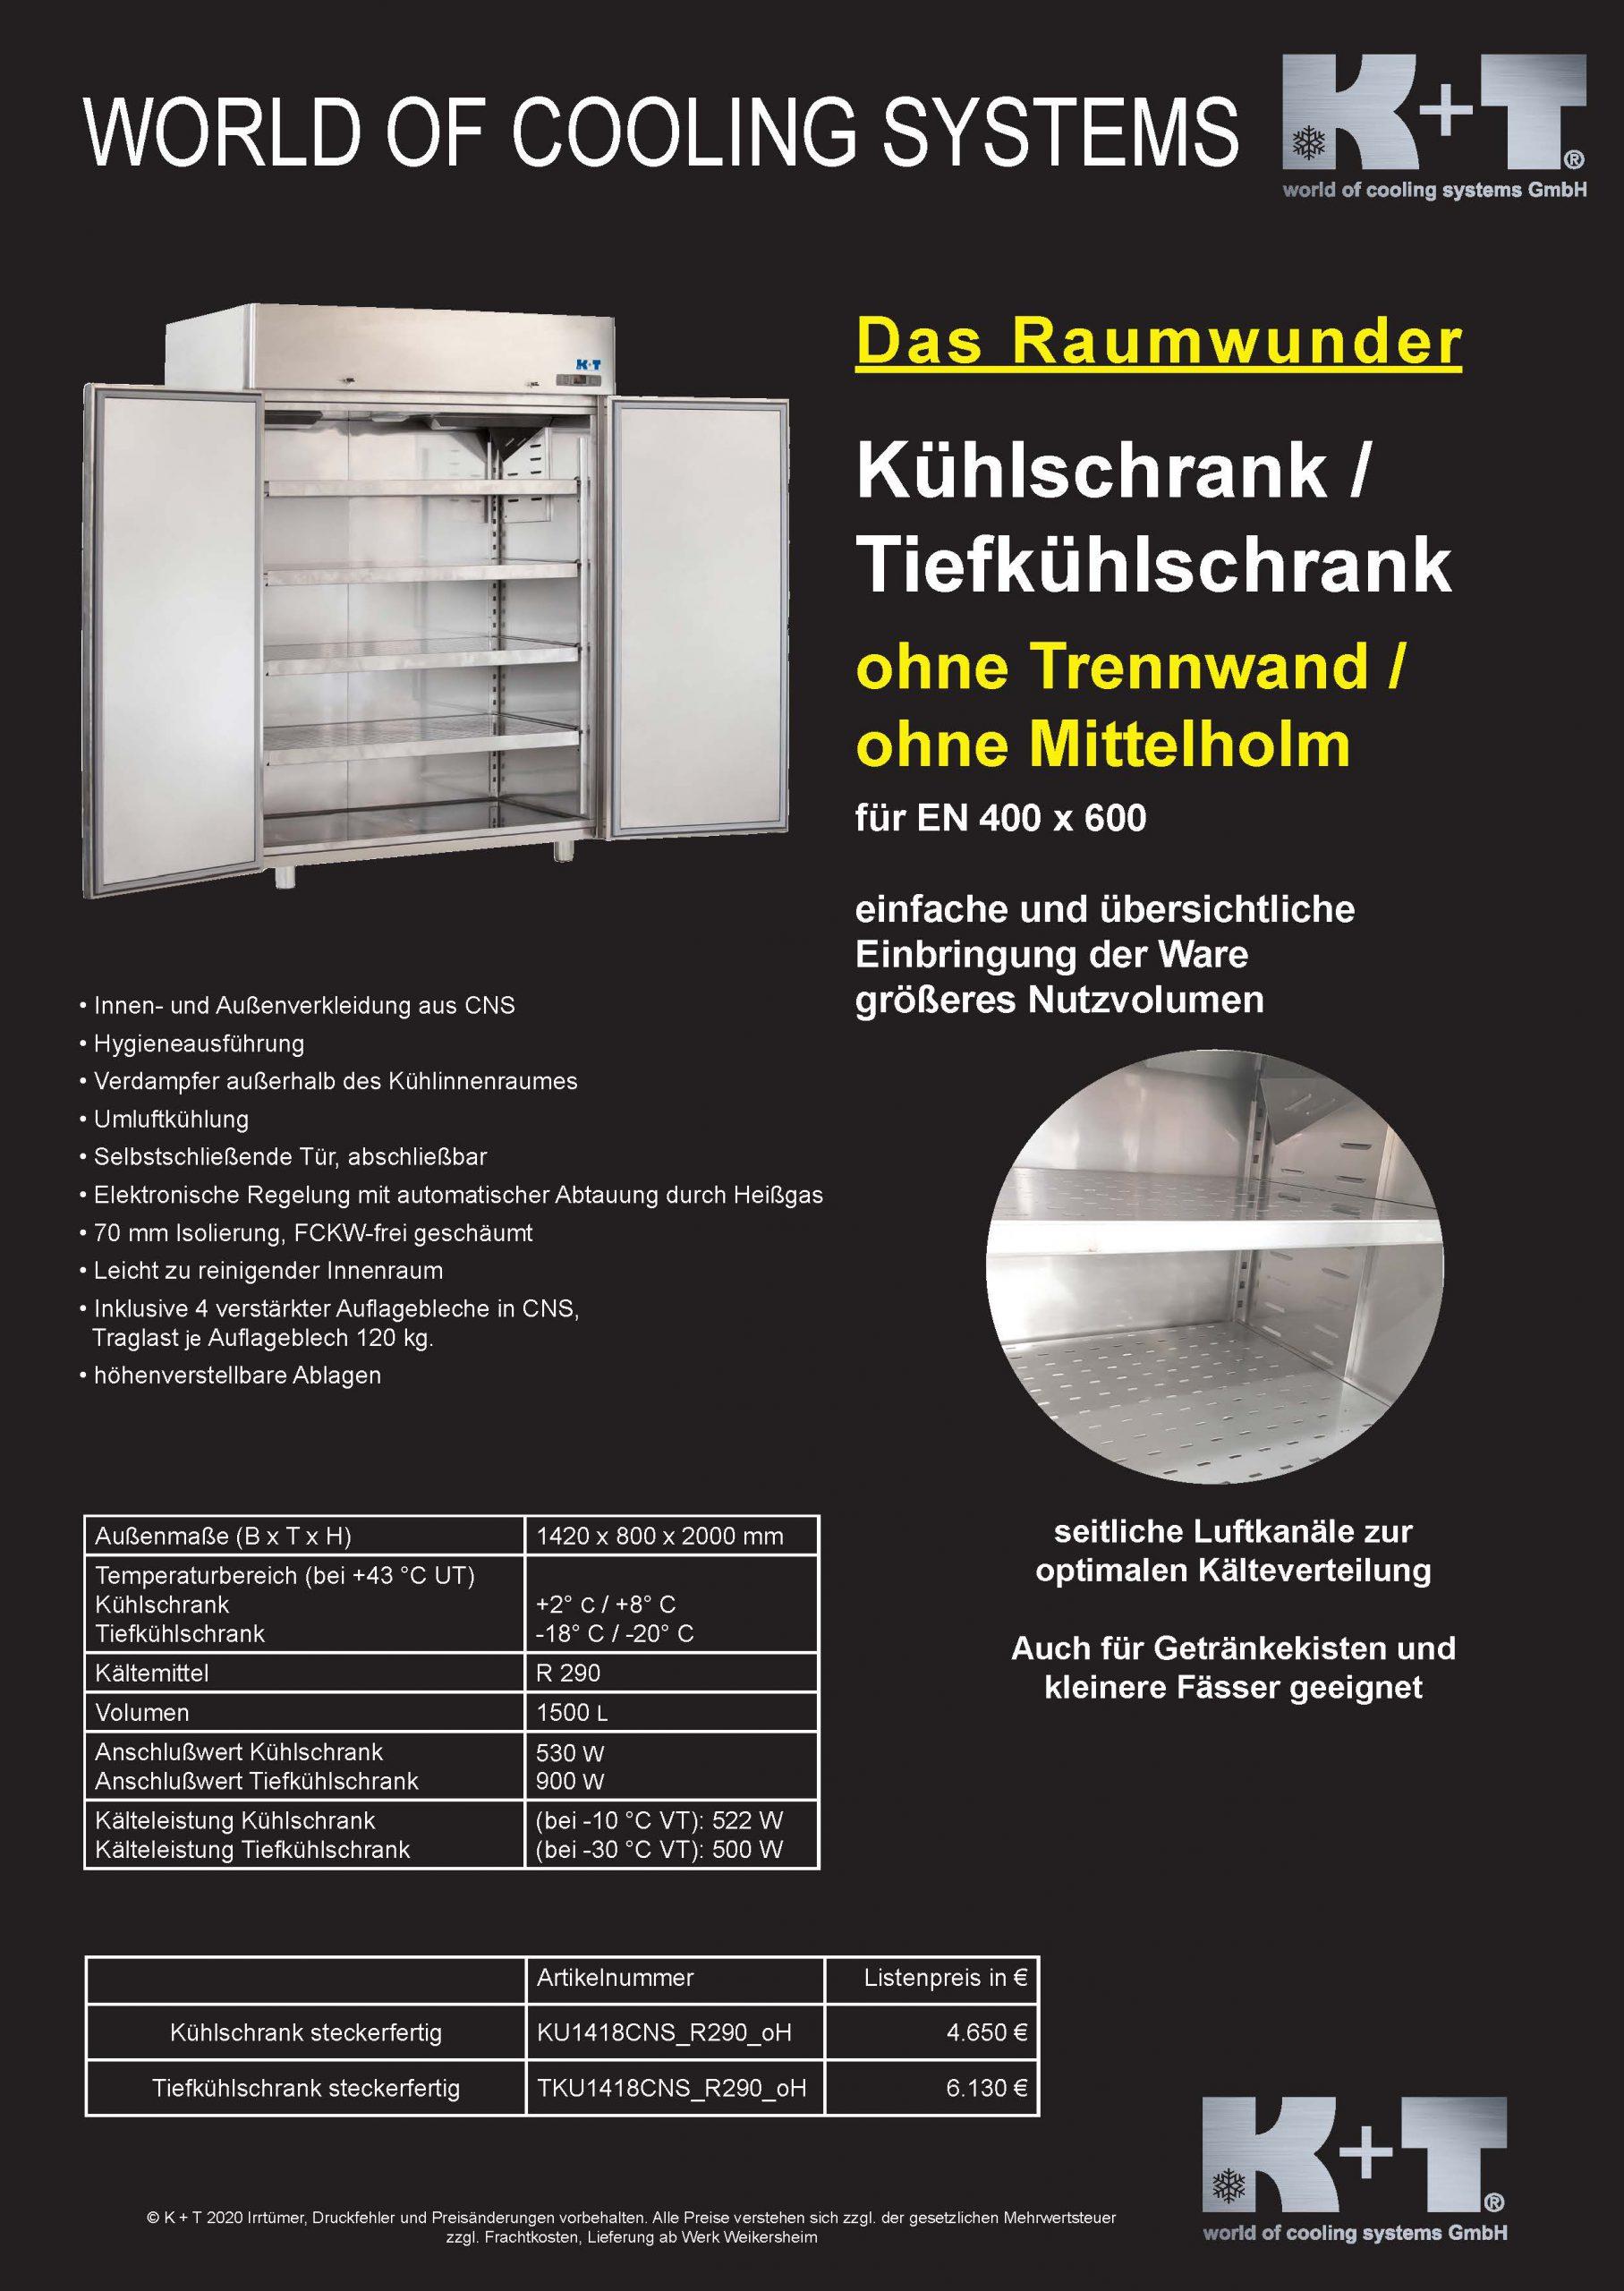 Kühlschrank KU1418 Ohne Mittelholm mit Listenpreisen